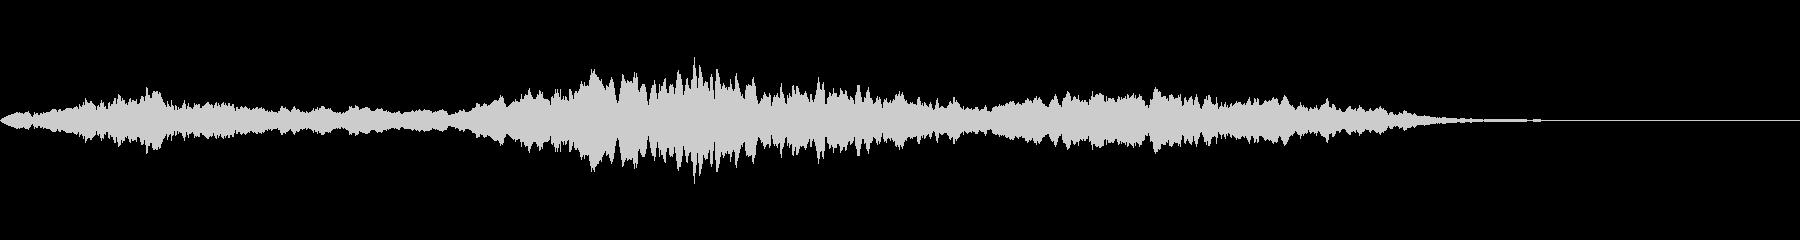 動画 環境 平和 フルート エアリアルの未再生の波形